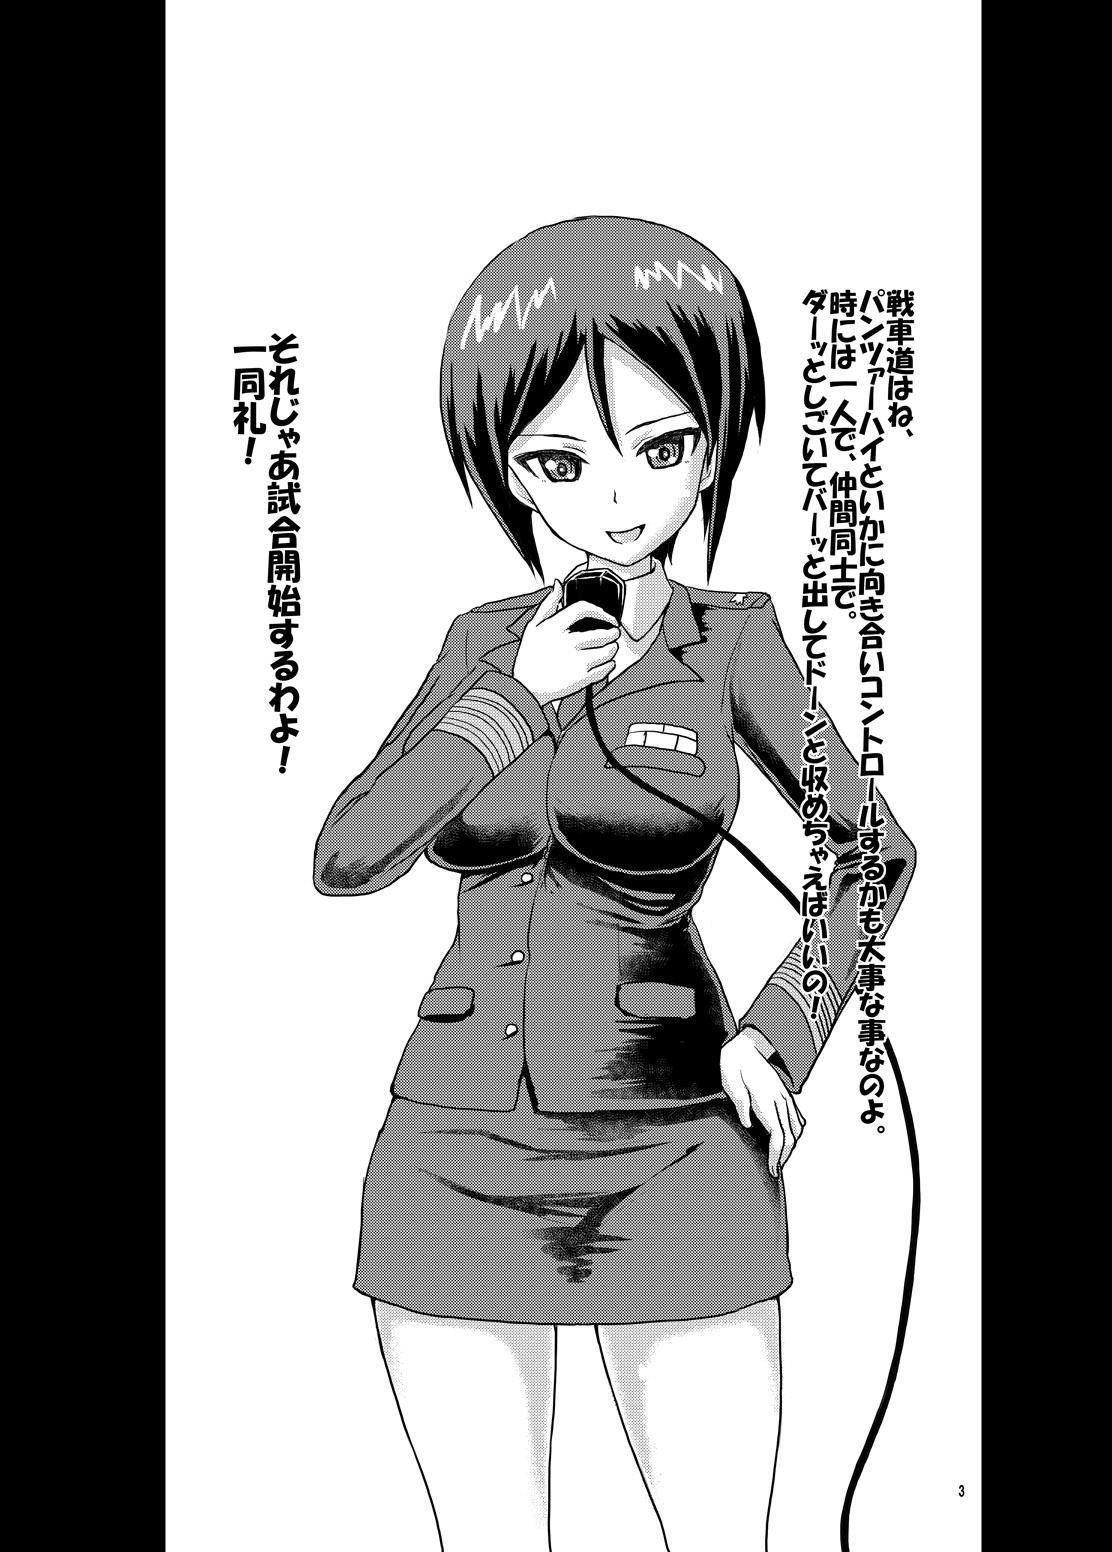 Panzer High no Osamekata 1